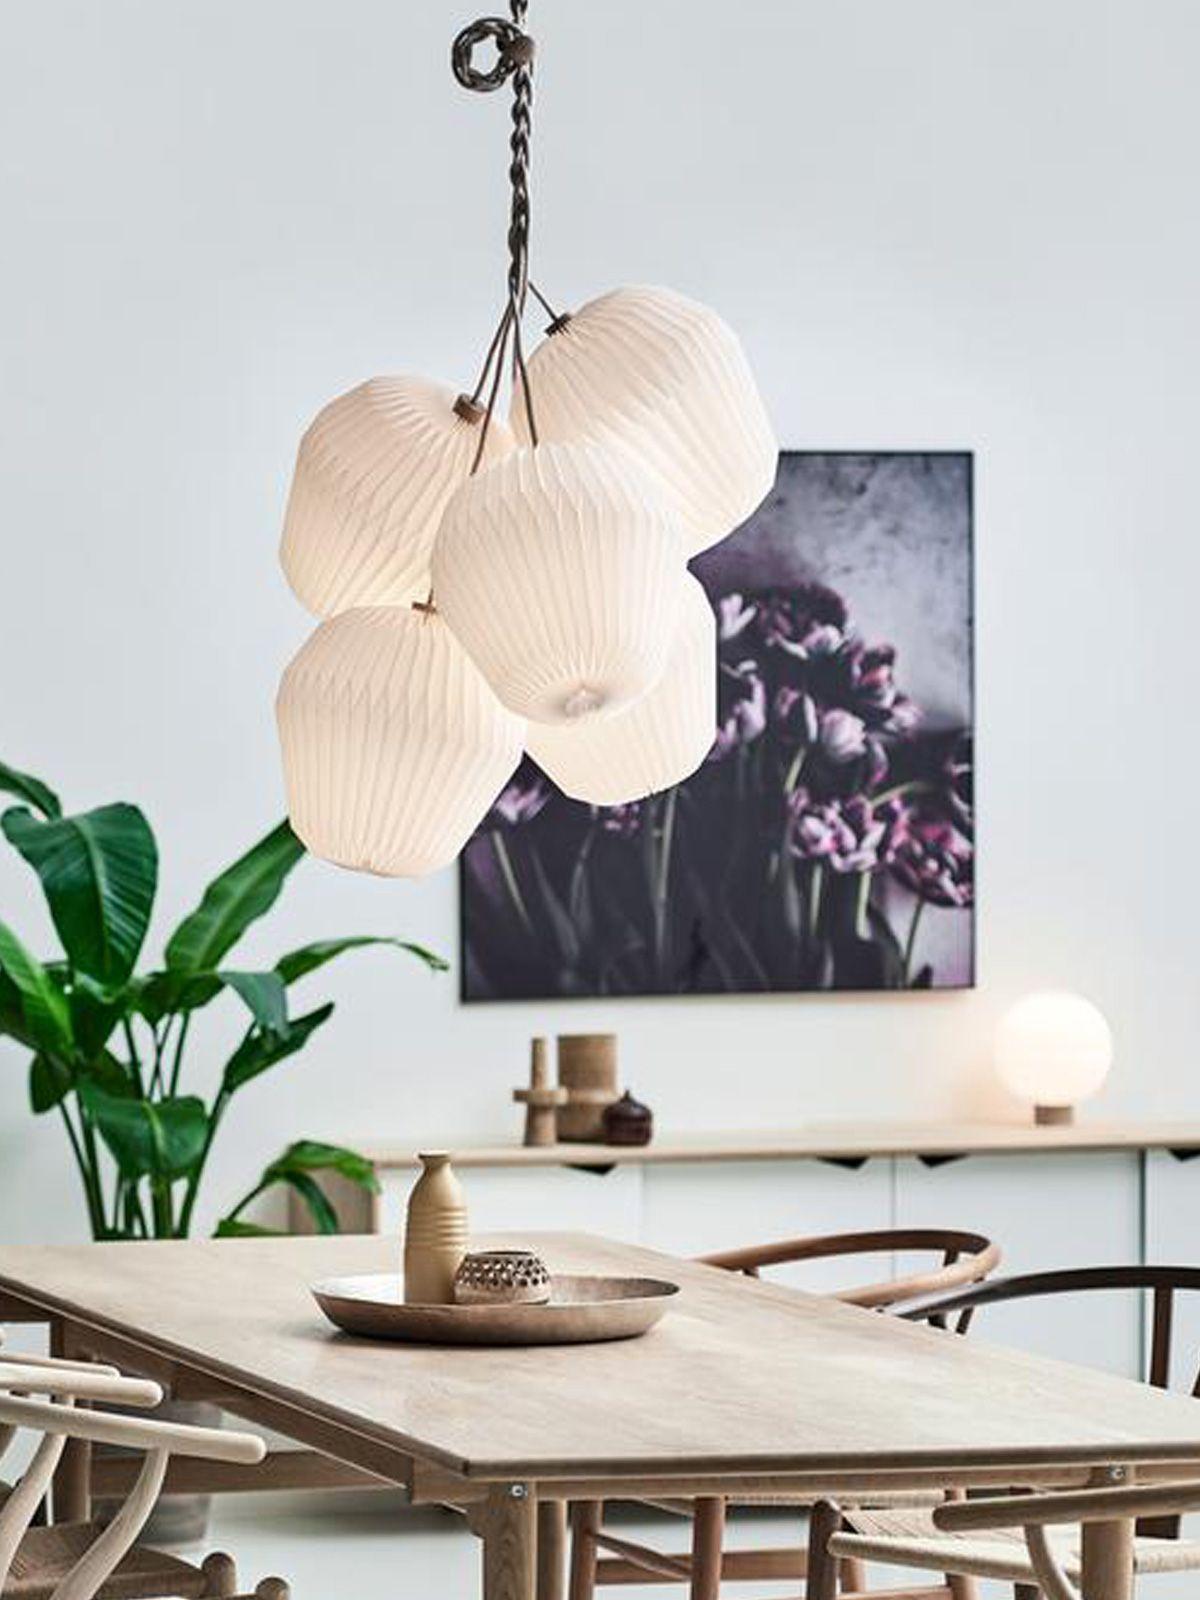 The Bouquet 130 Le Klint Designort Com In 2020 Grosse Lampen Pendelleuchte Lampen Und Leuchten